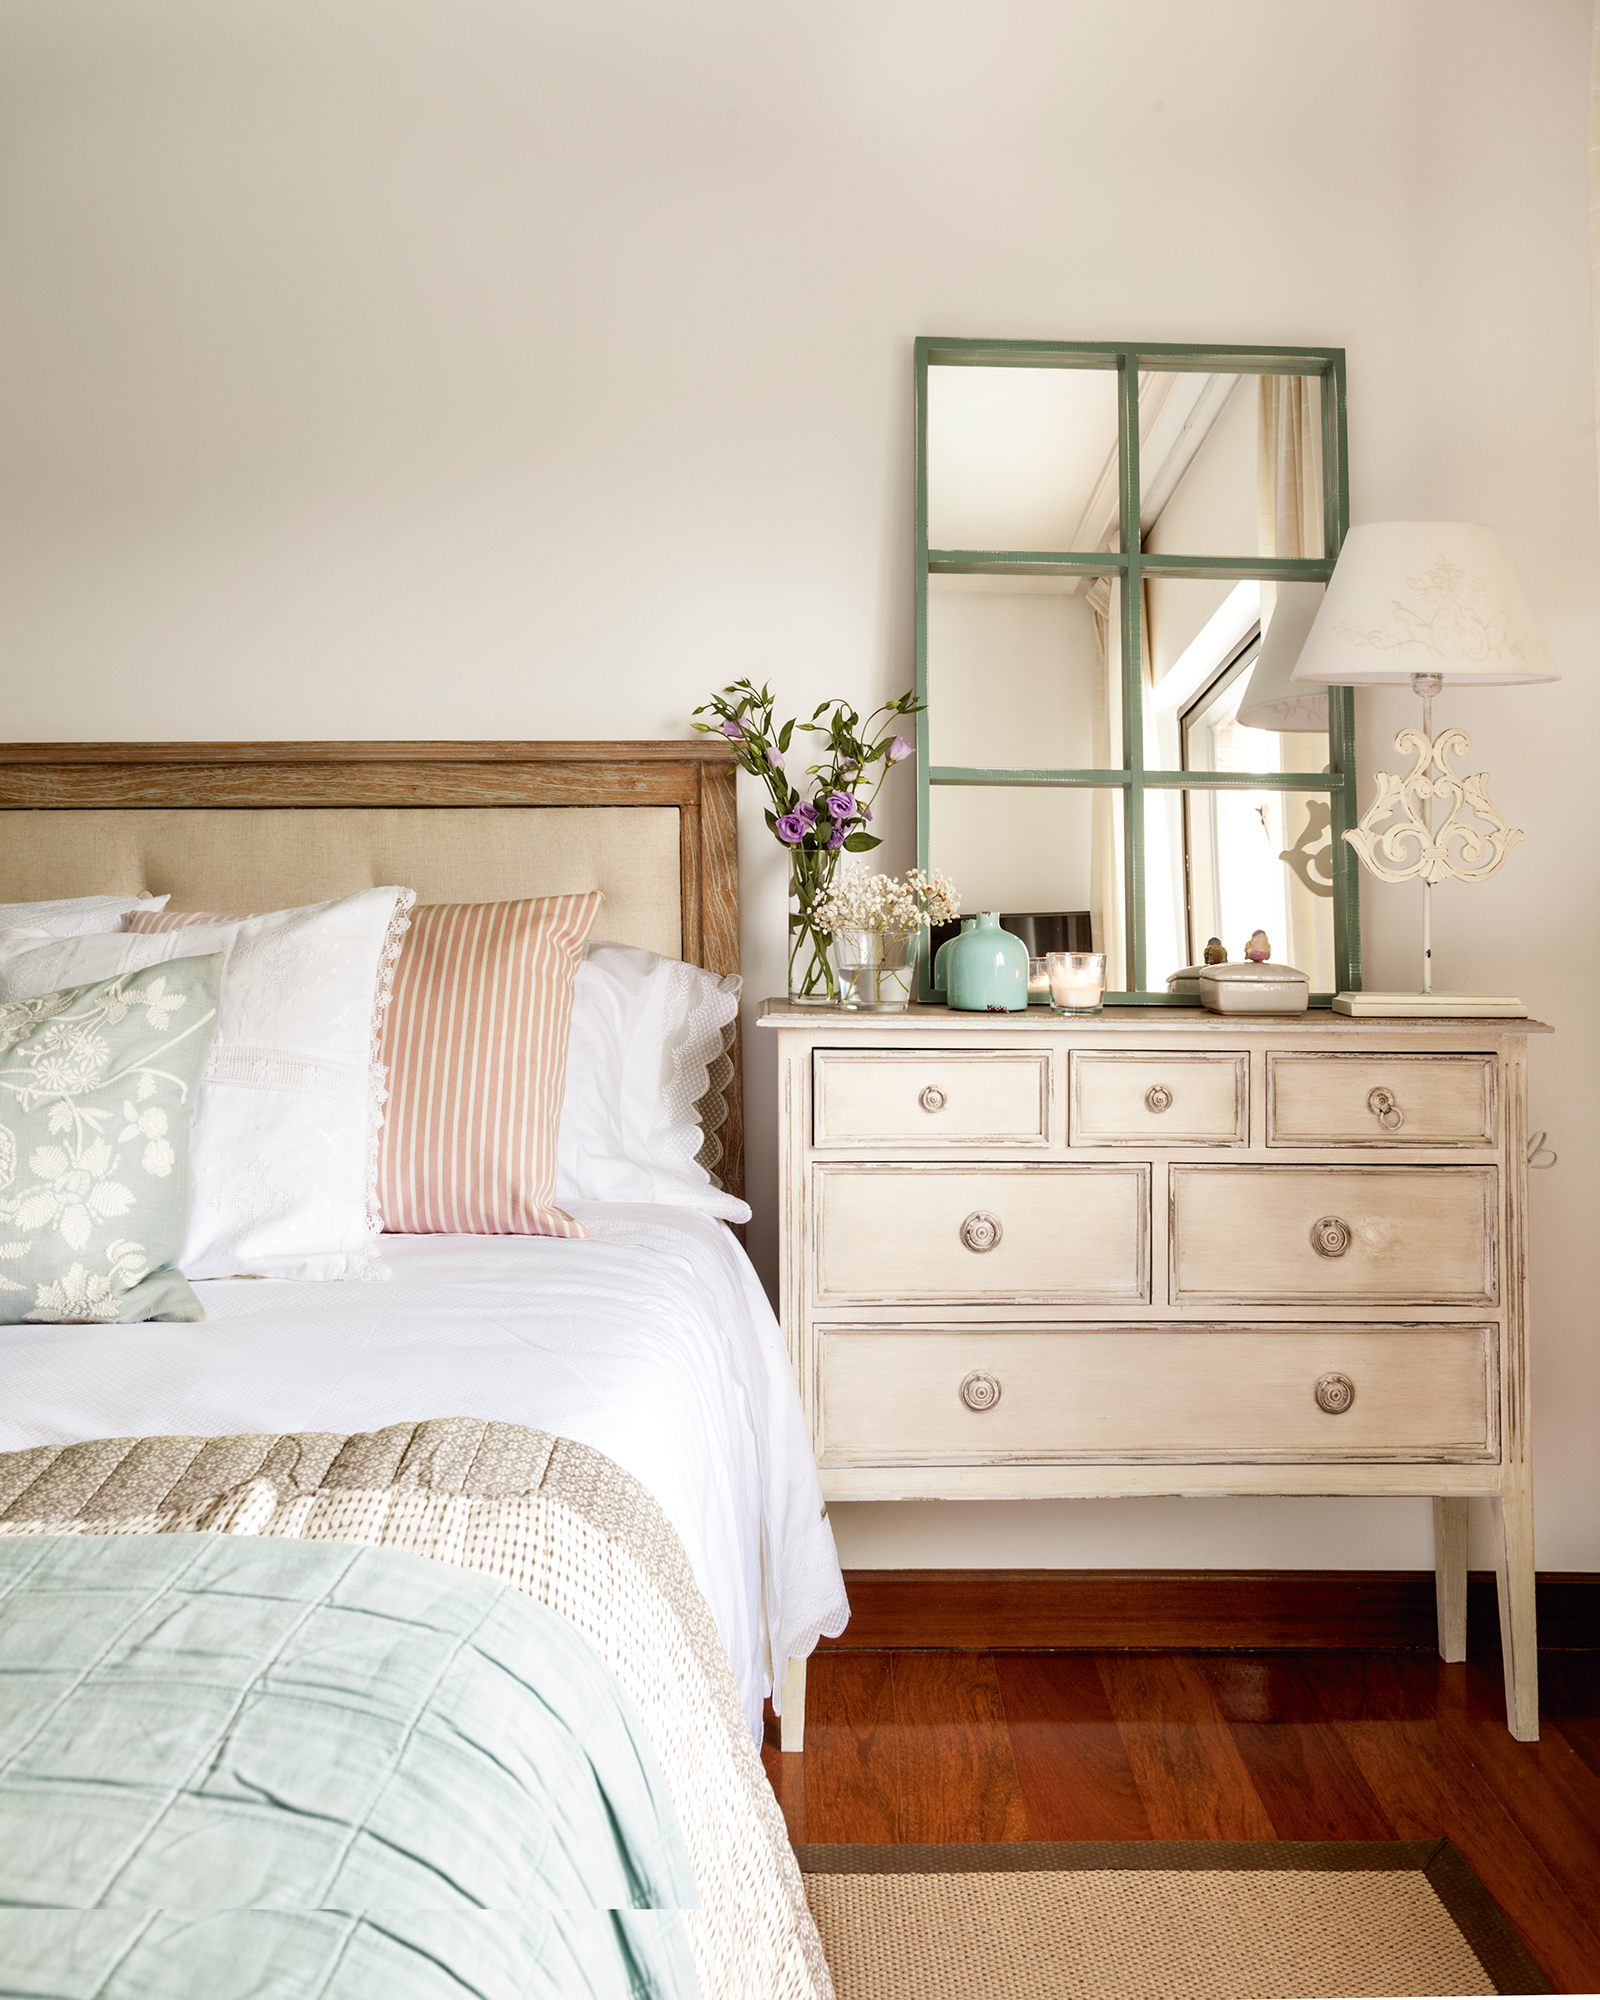 Guardar En El Dormitorio Más De 15 Ideas Prácticas Y Capaces